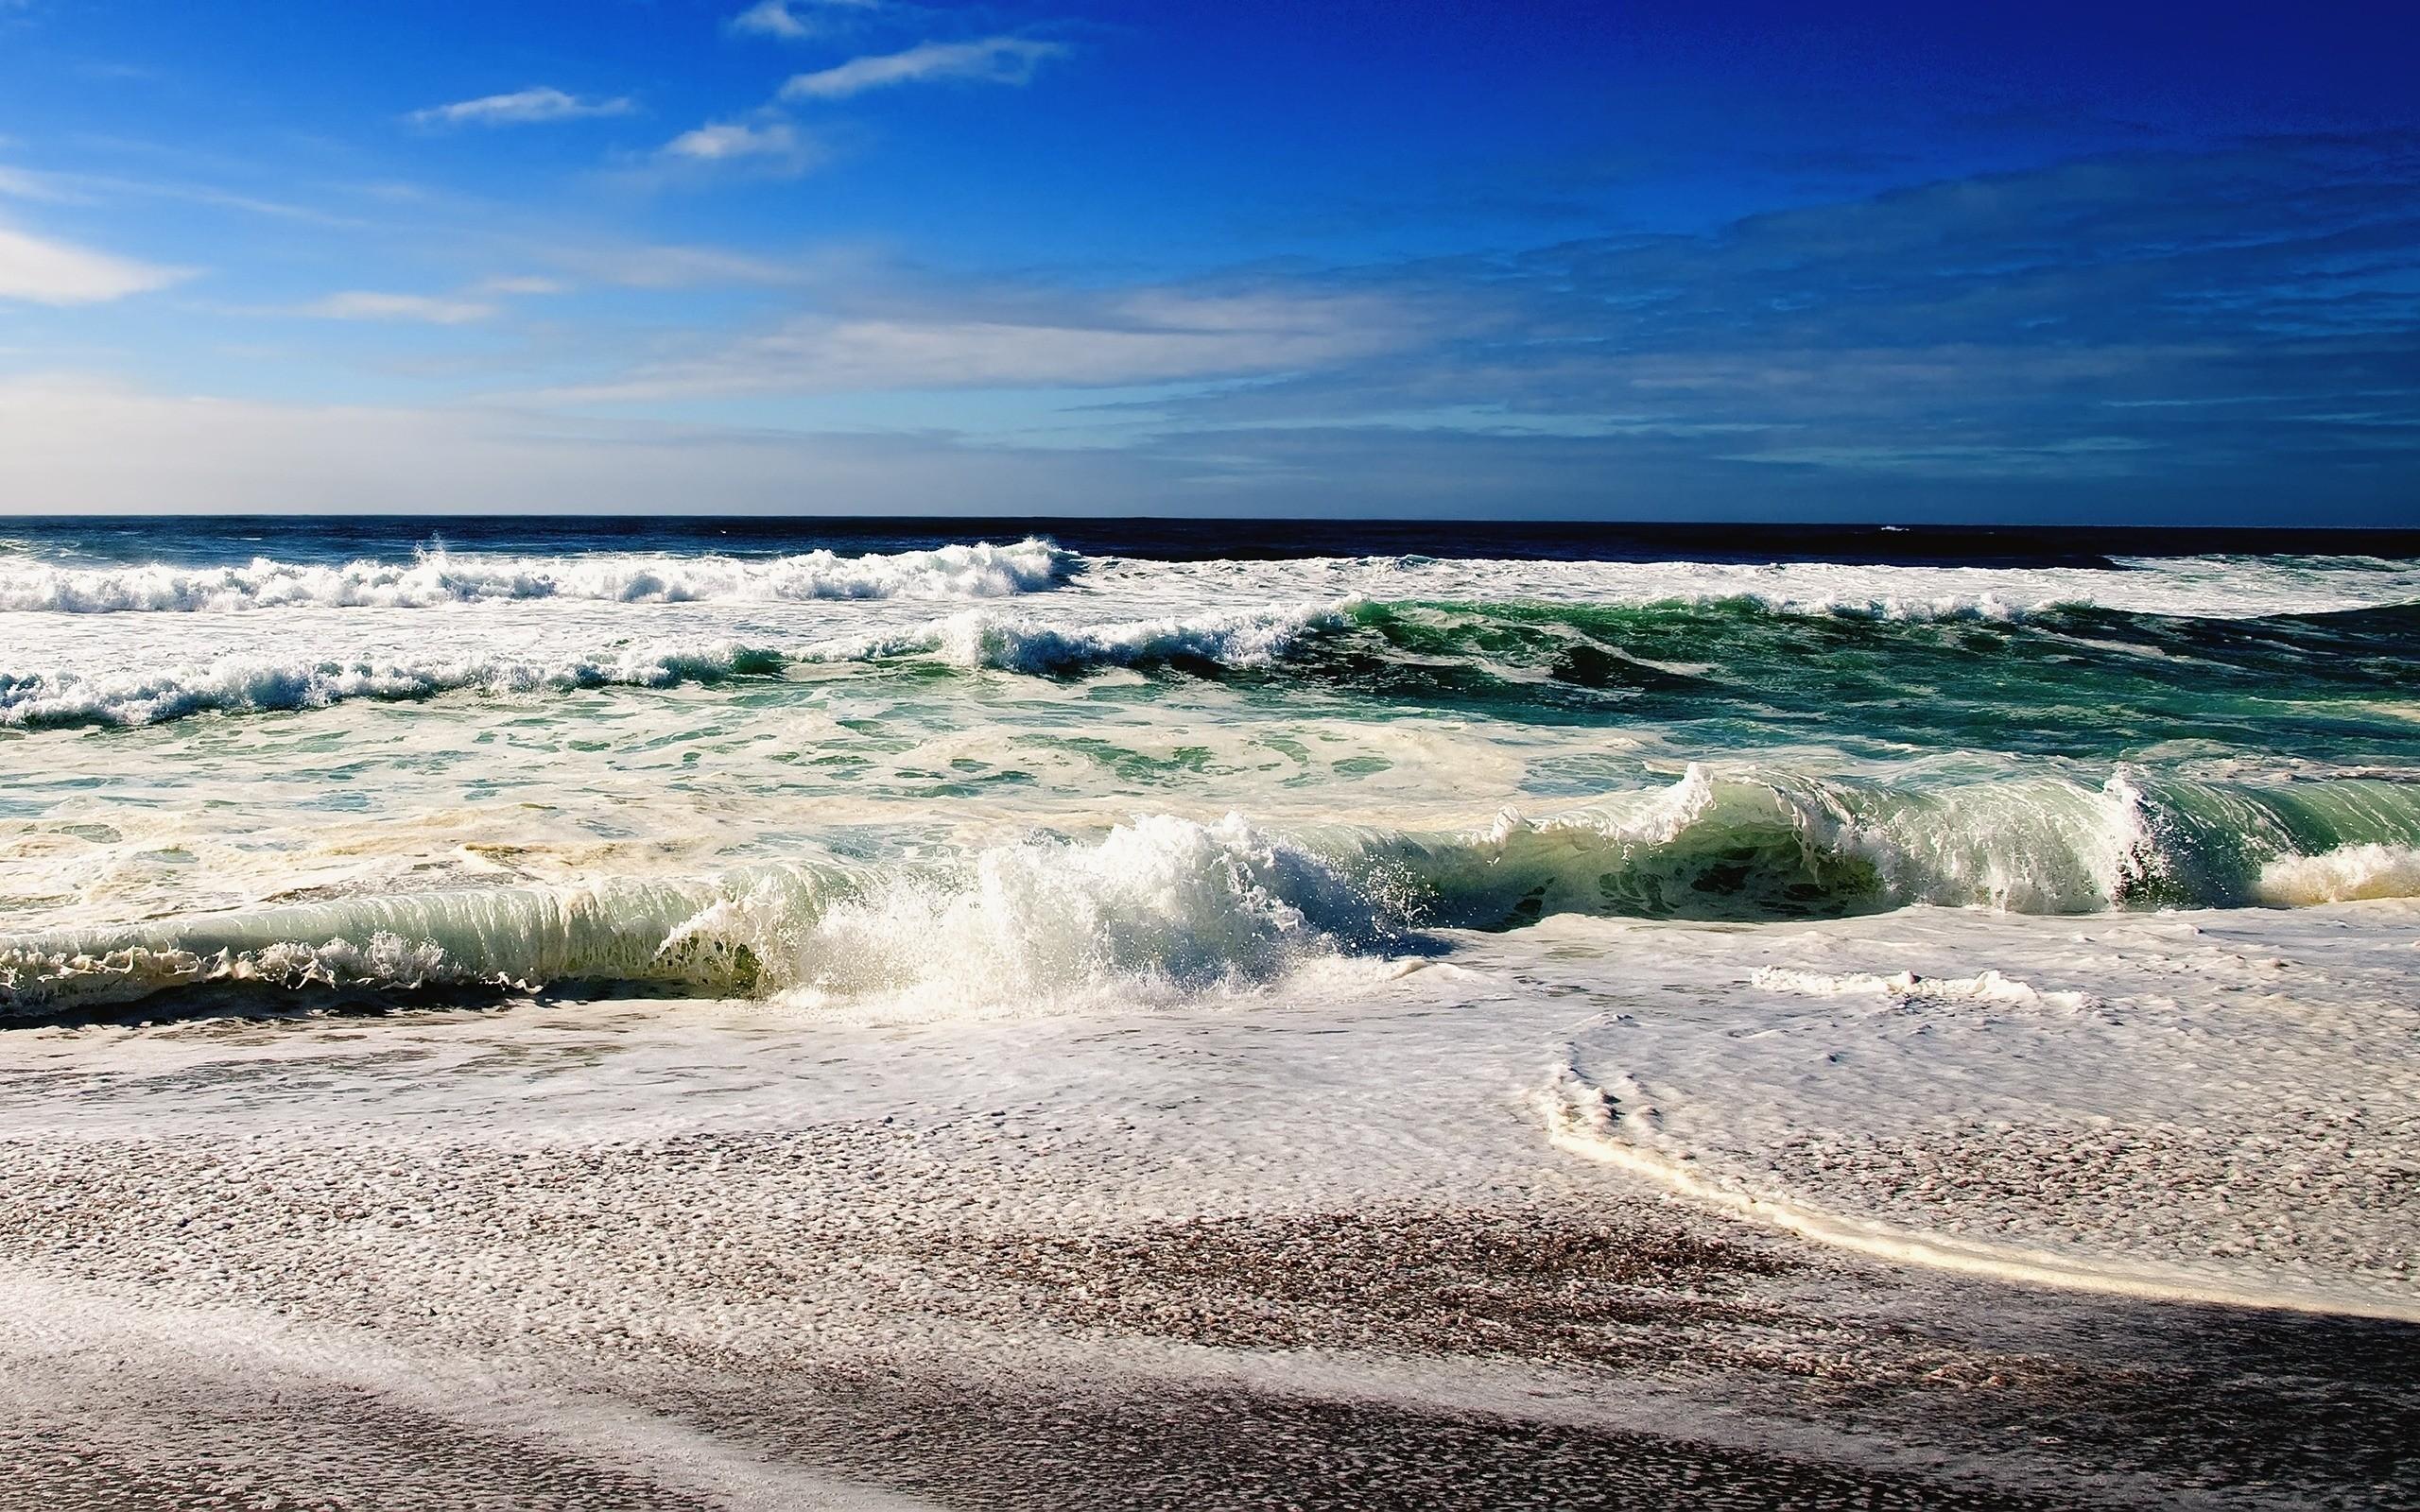 обработка для картинки на рабочий стол берег океана его использование чистом